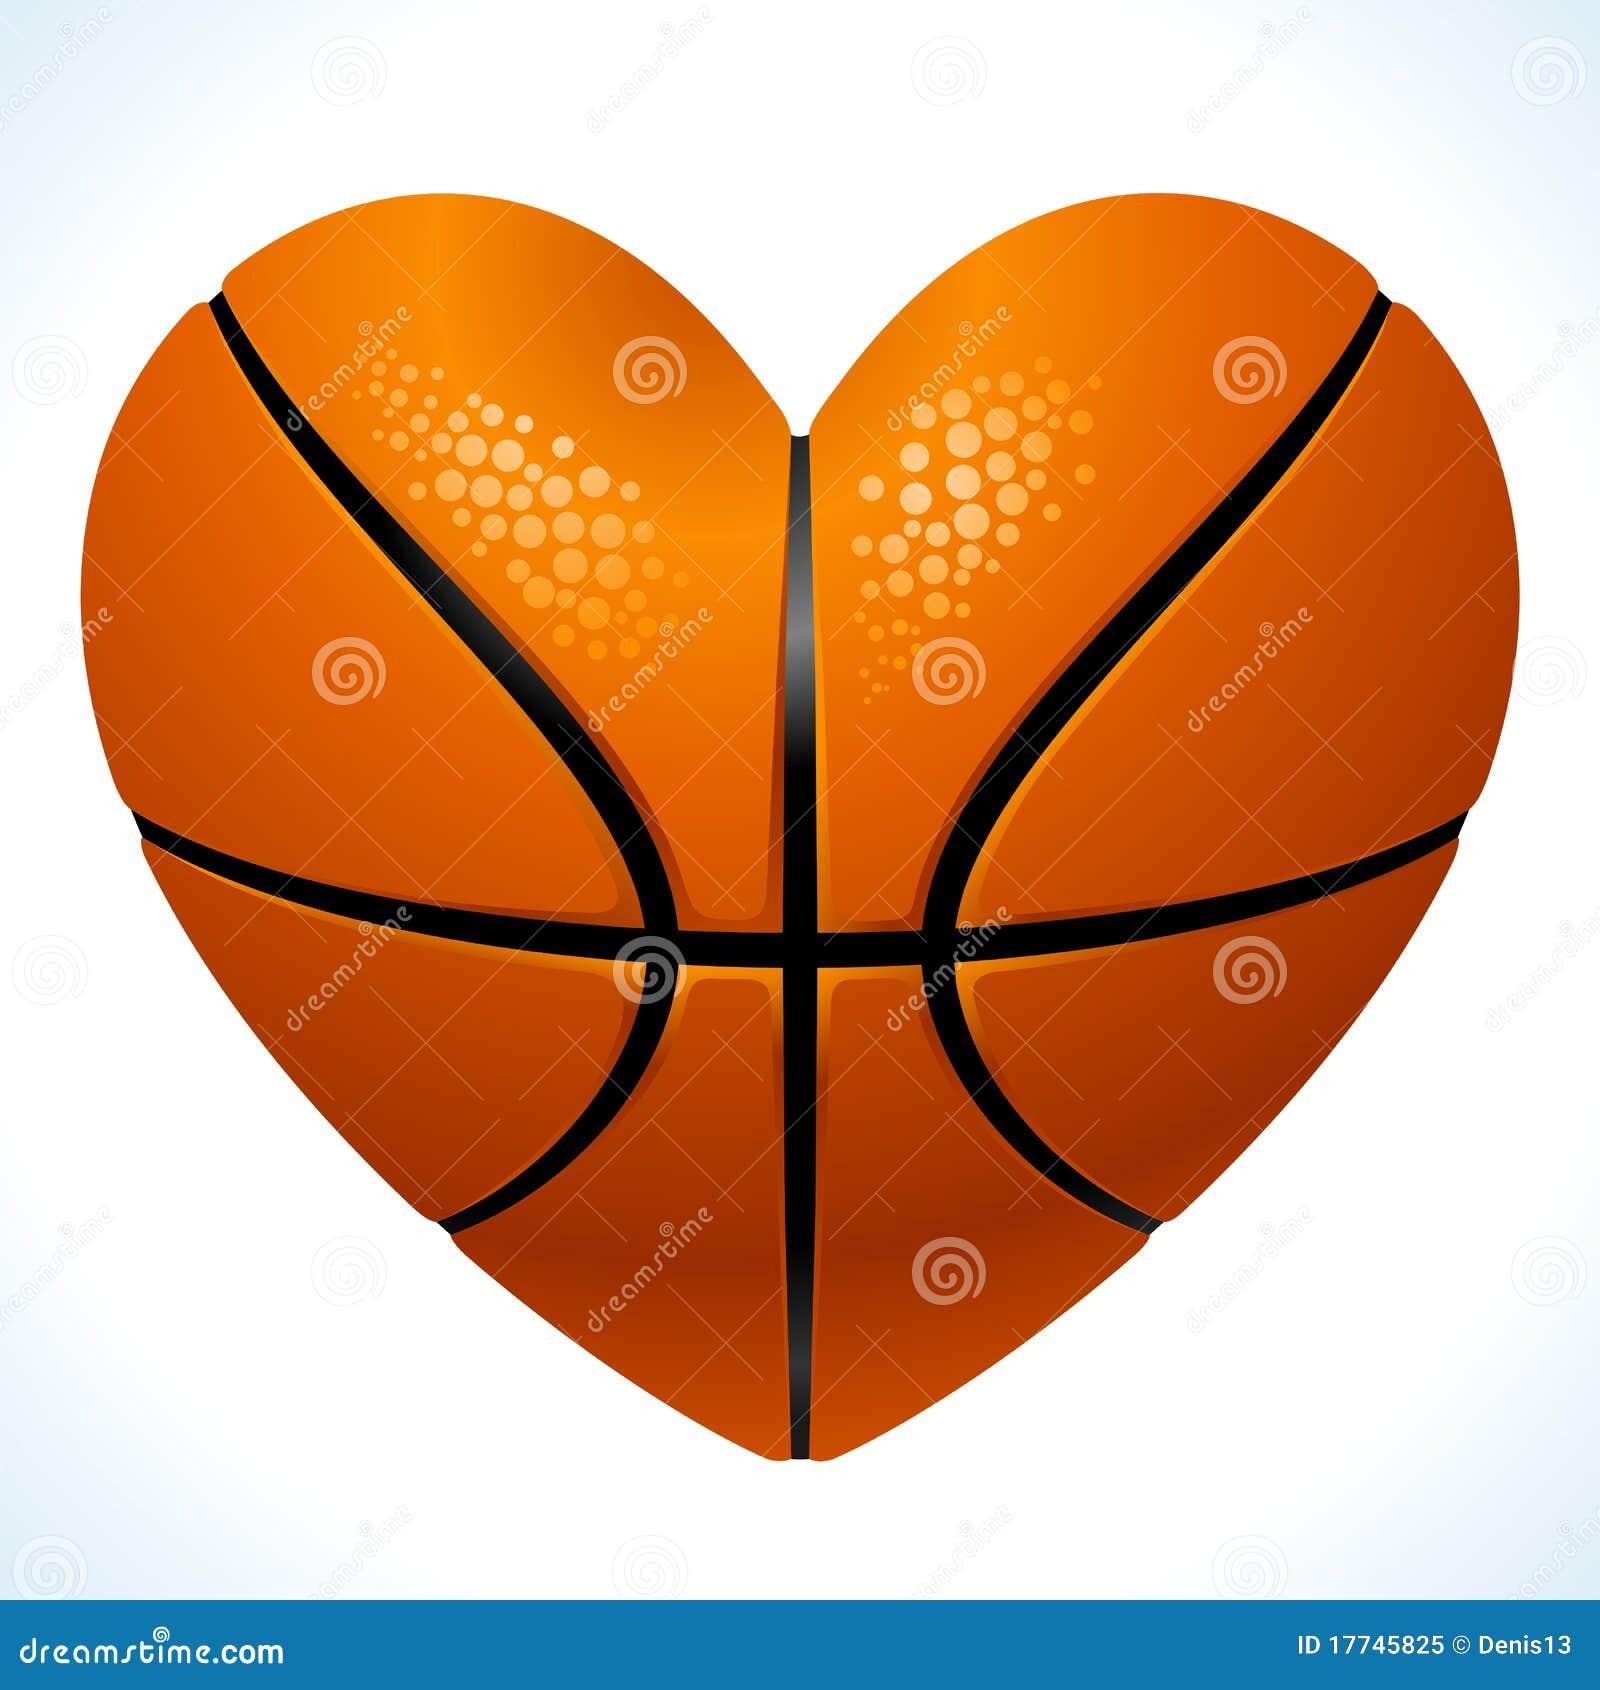 Bal voor basketbal in de vorm van hart